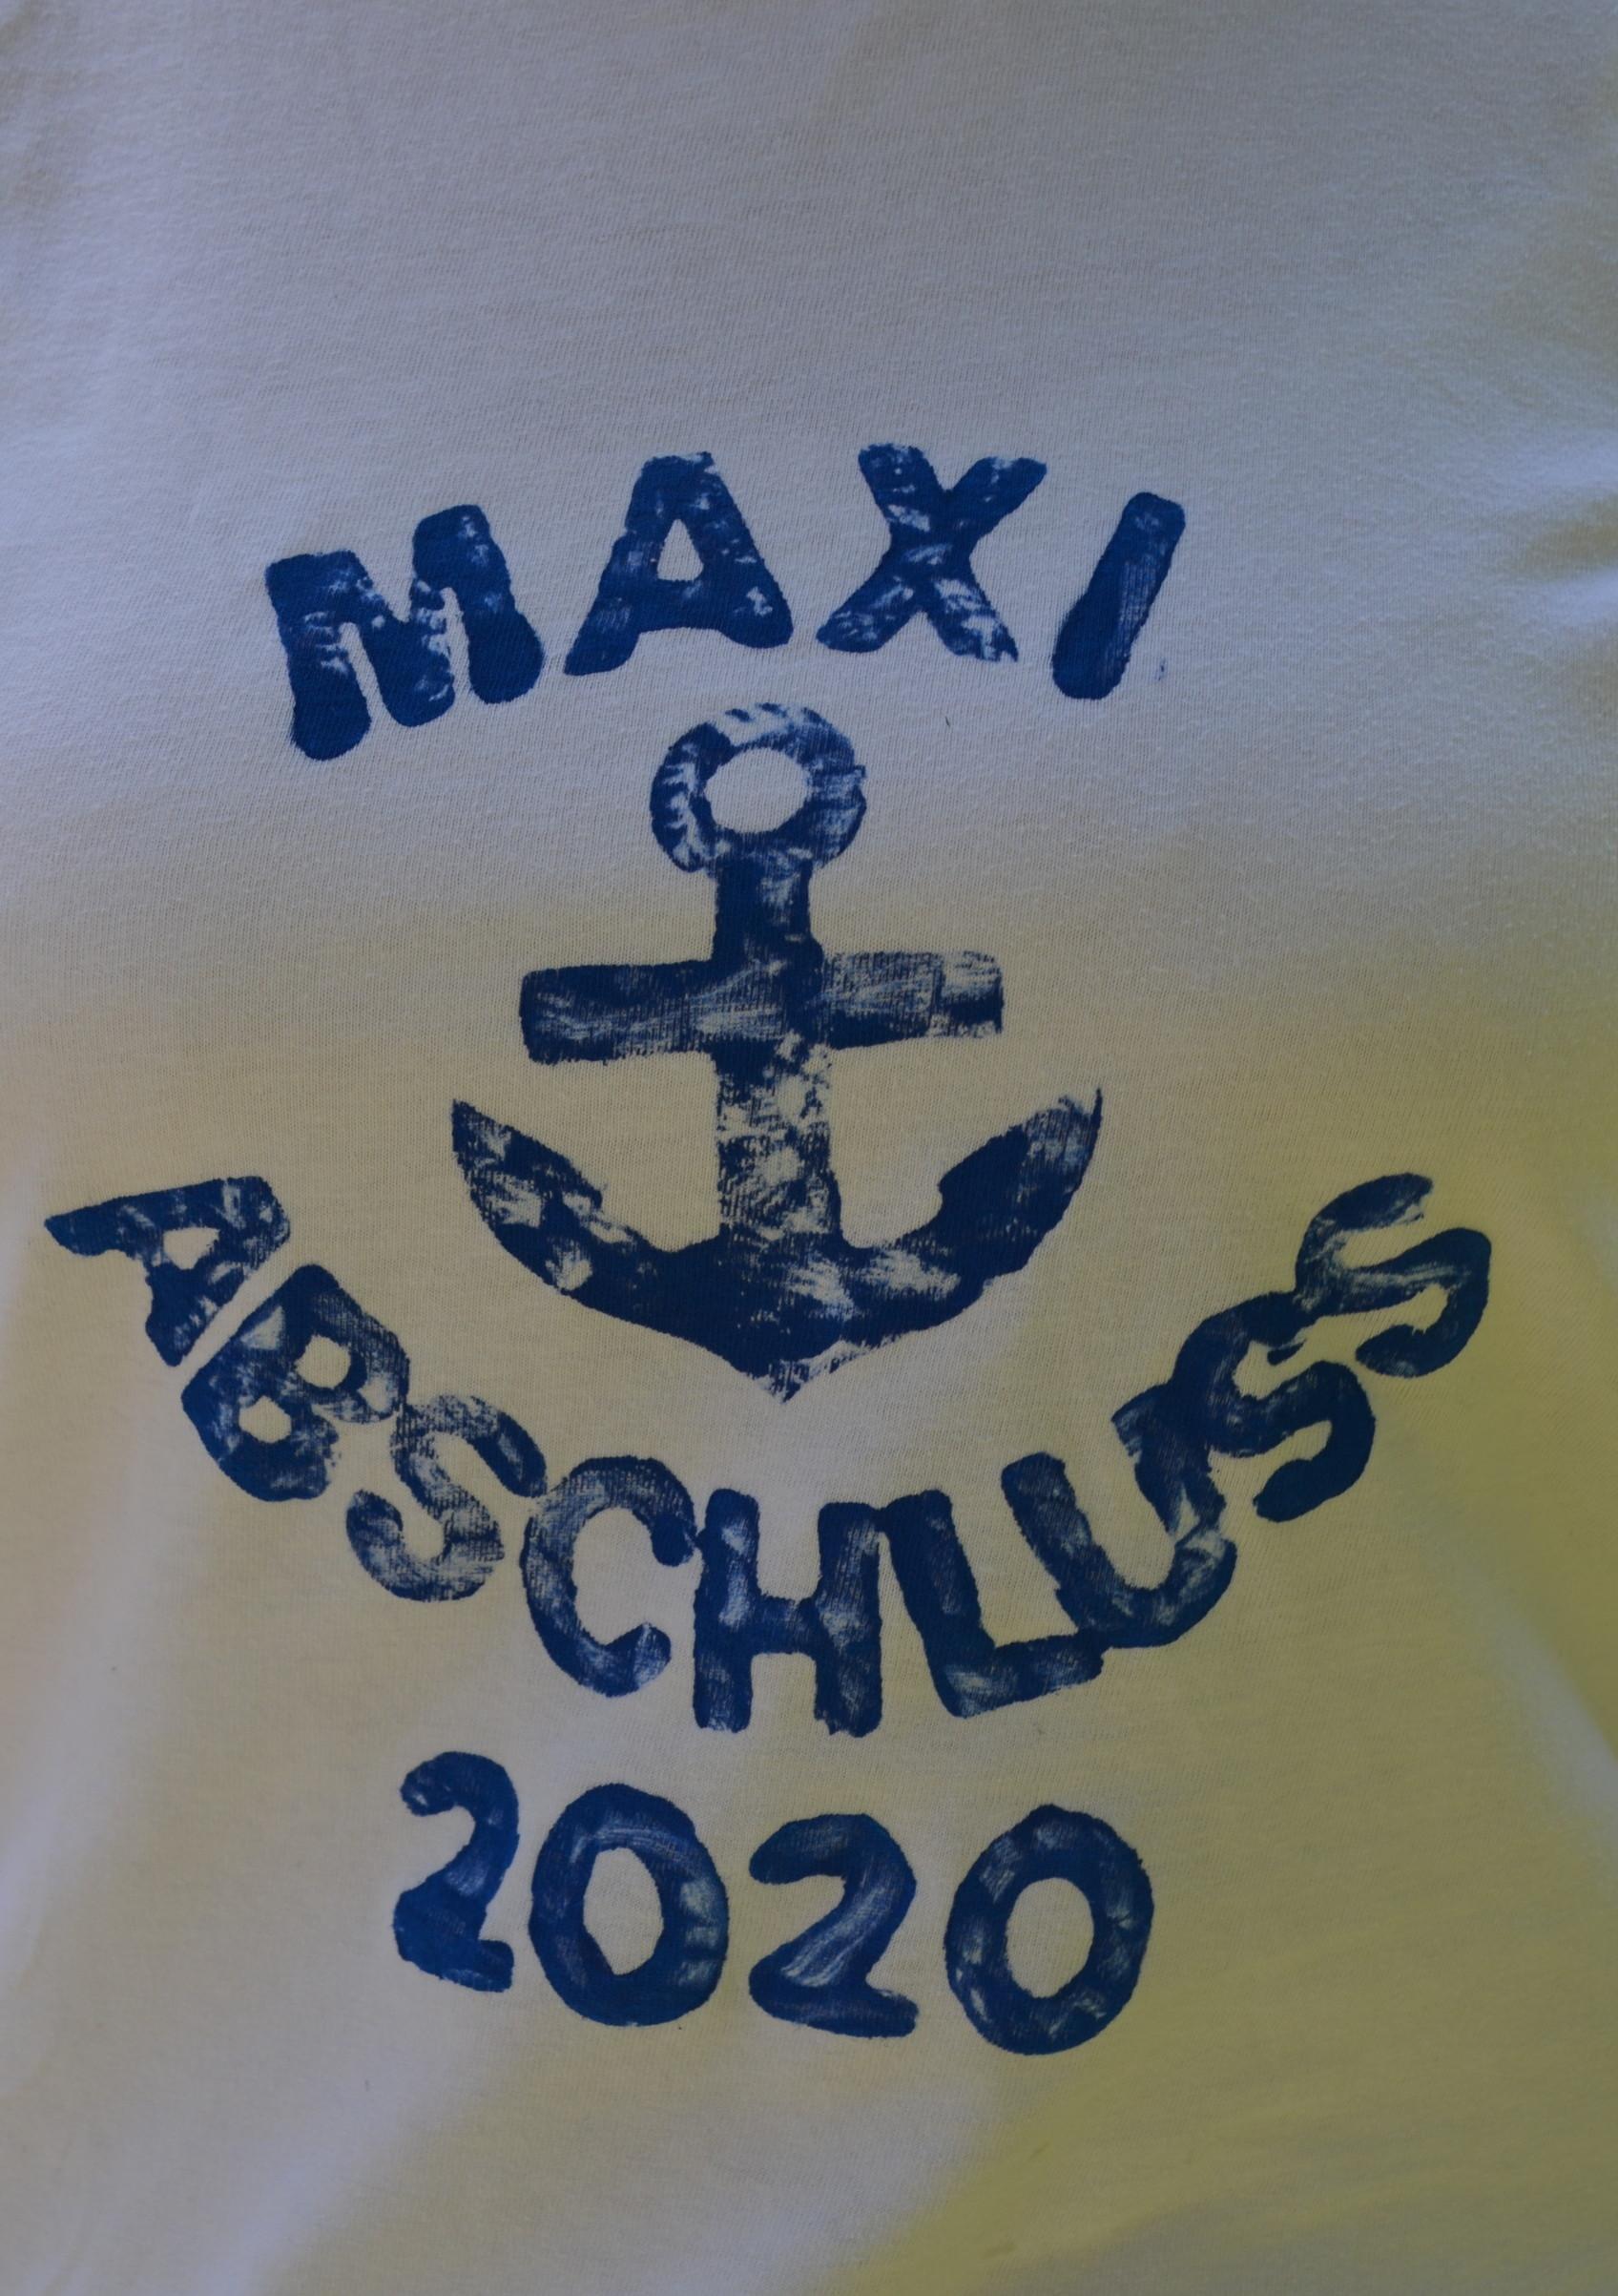 Maxiabschluss 2020